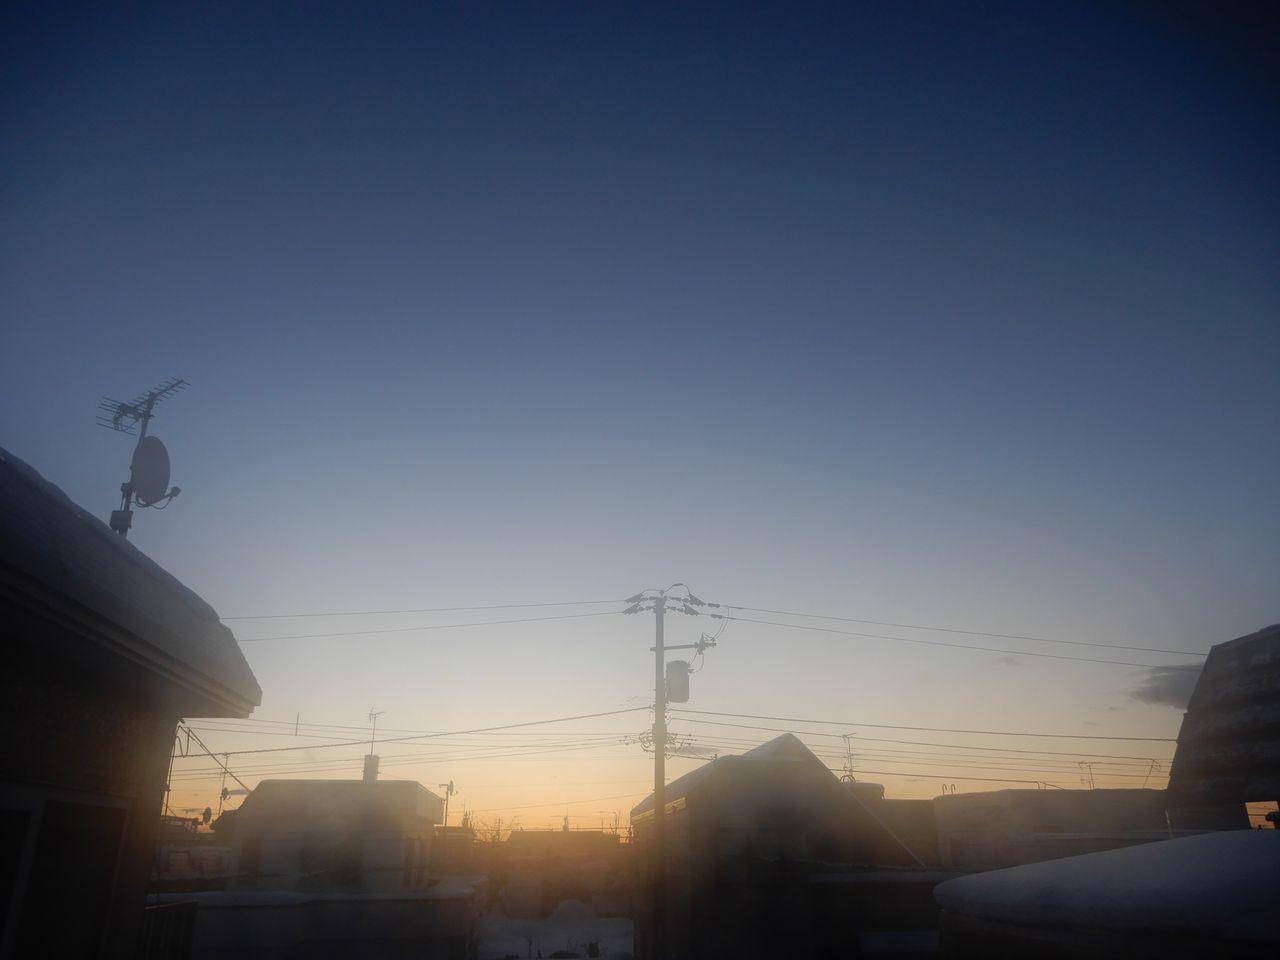 真冬日続いて寒の入り_c0025115_22185375.jpg